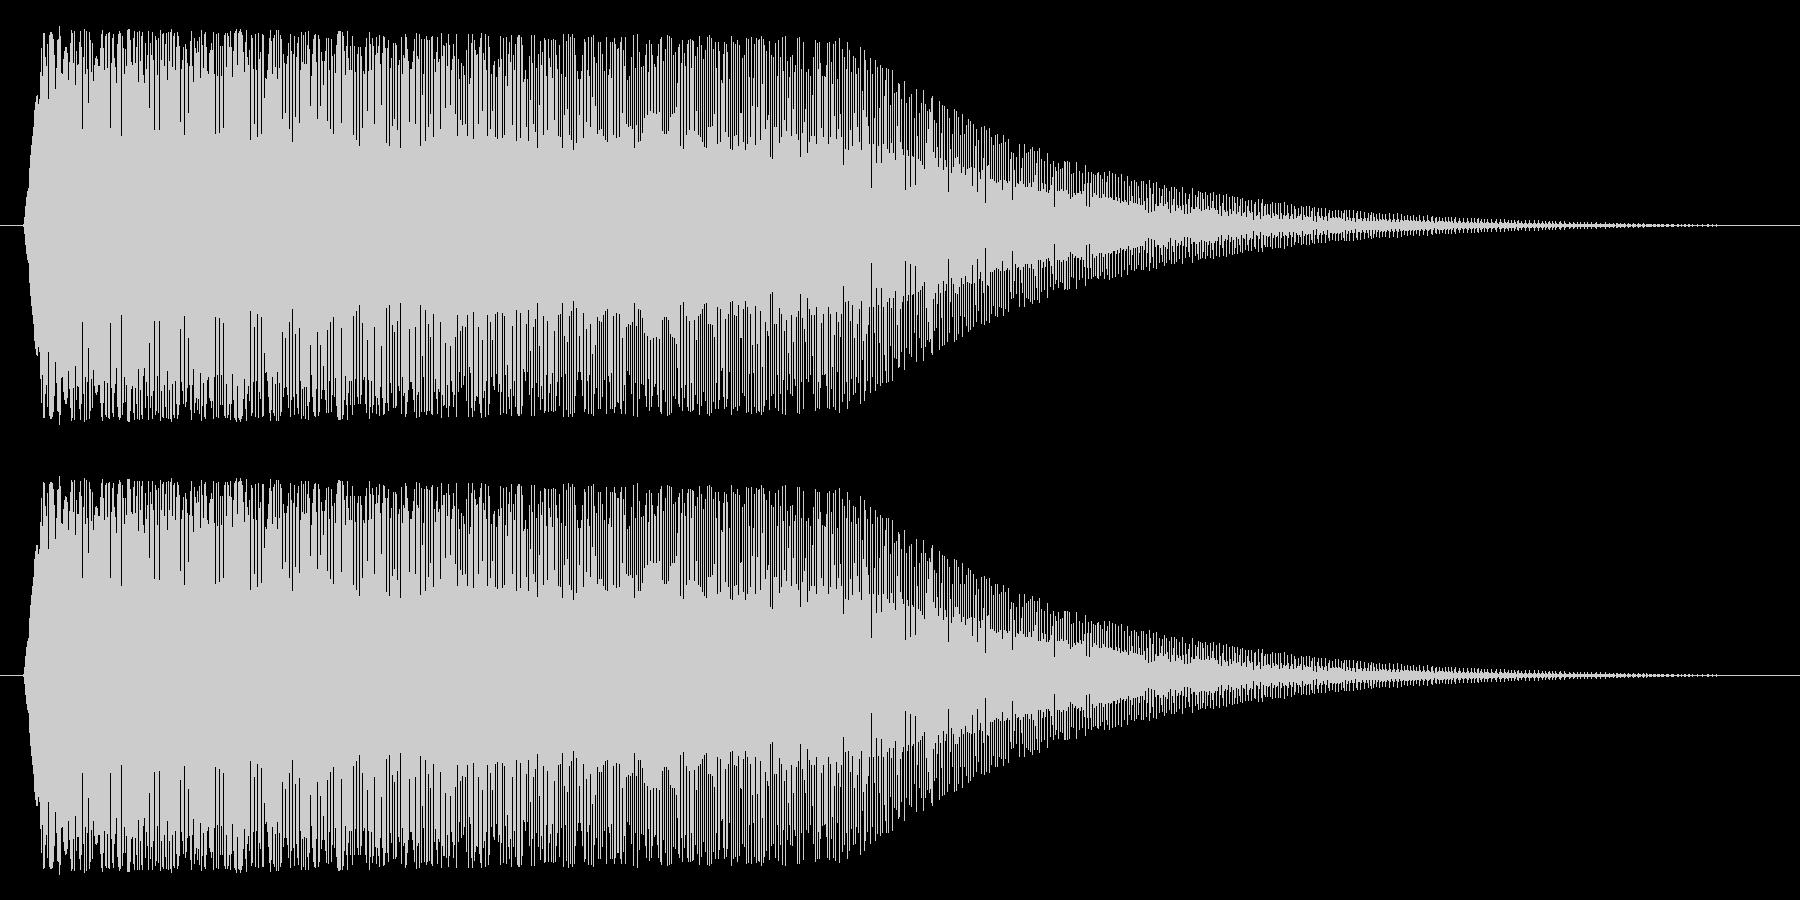 下降/パワーダウン/メーターの未再生の波形